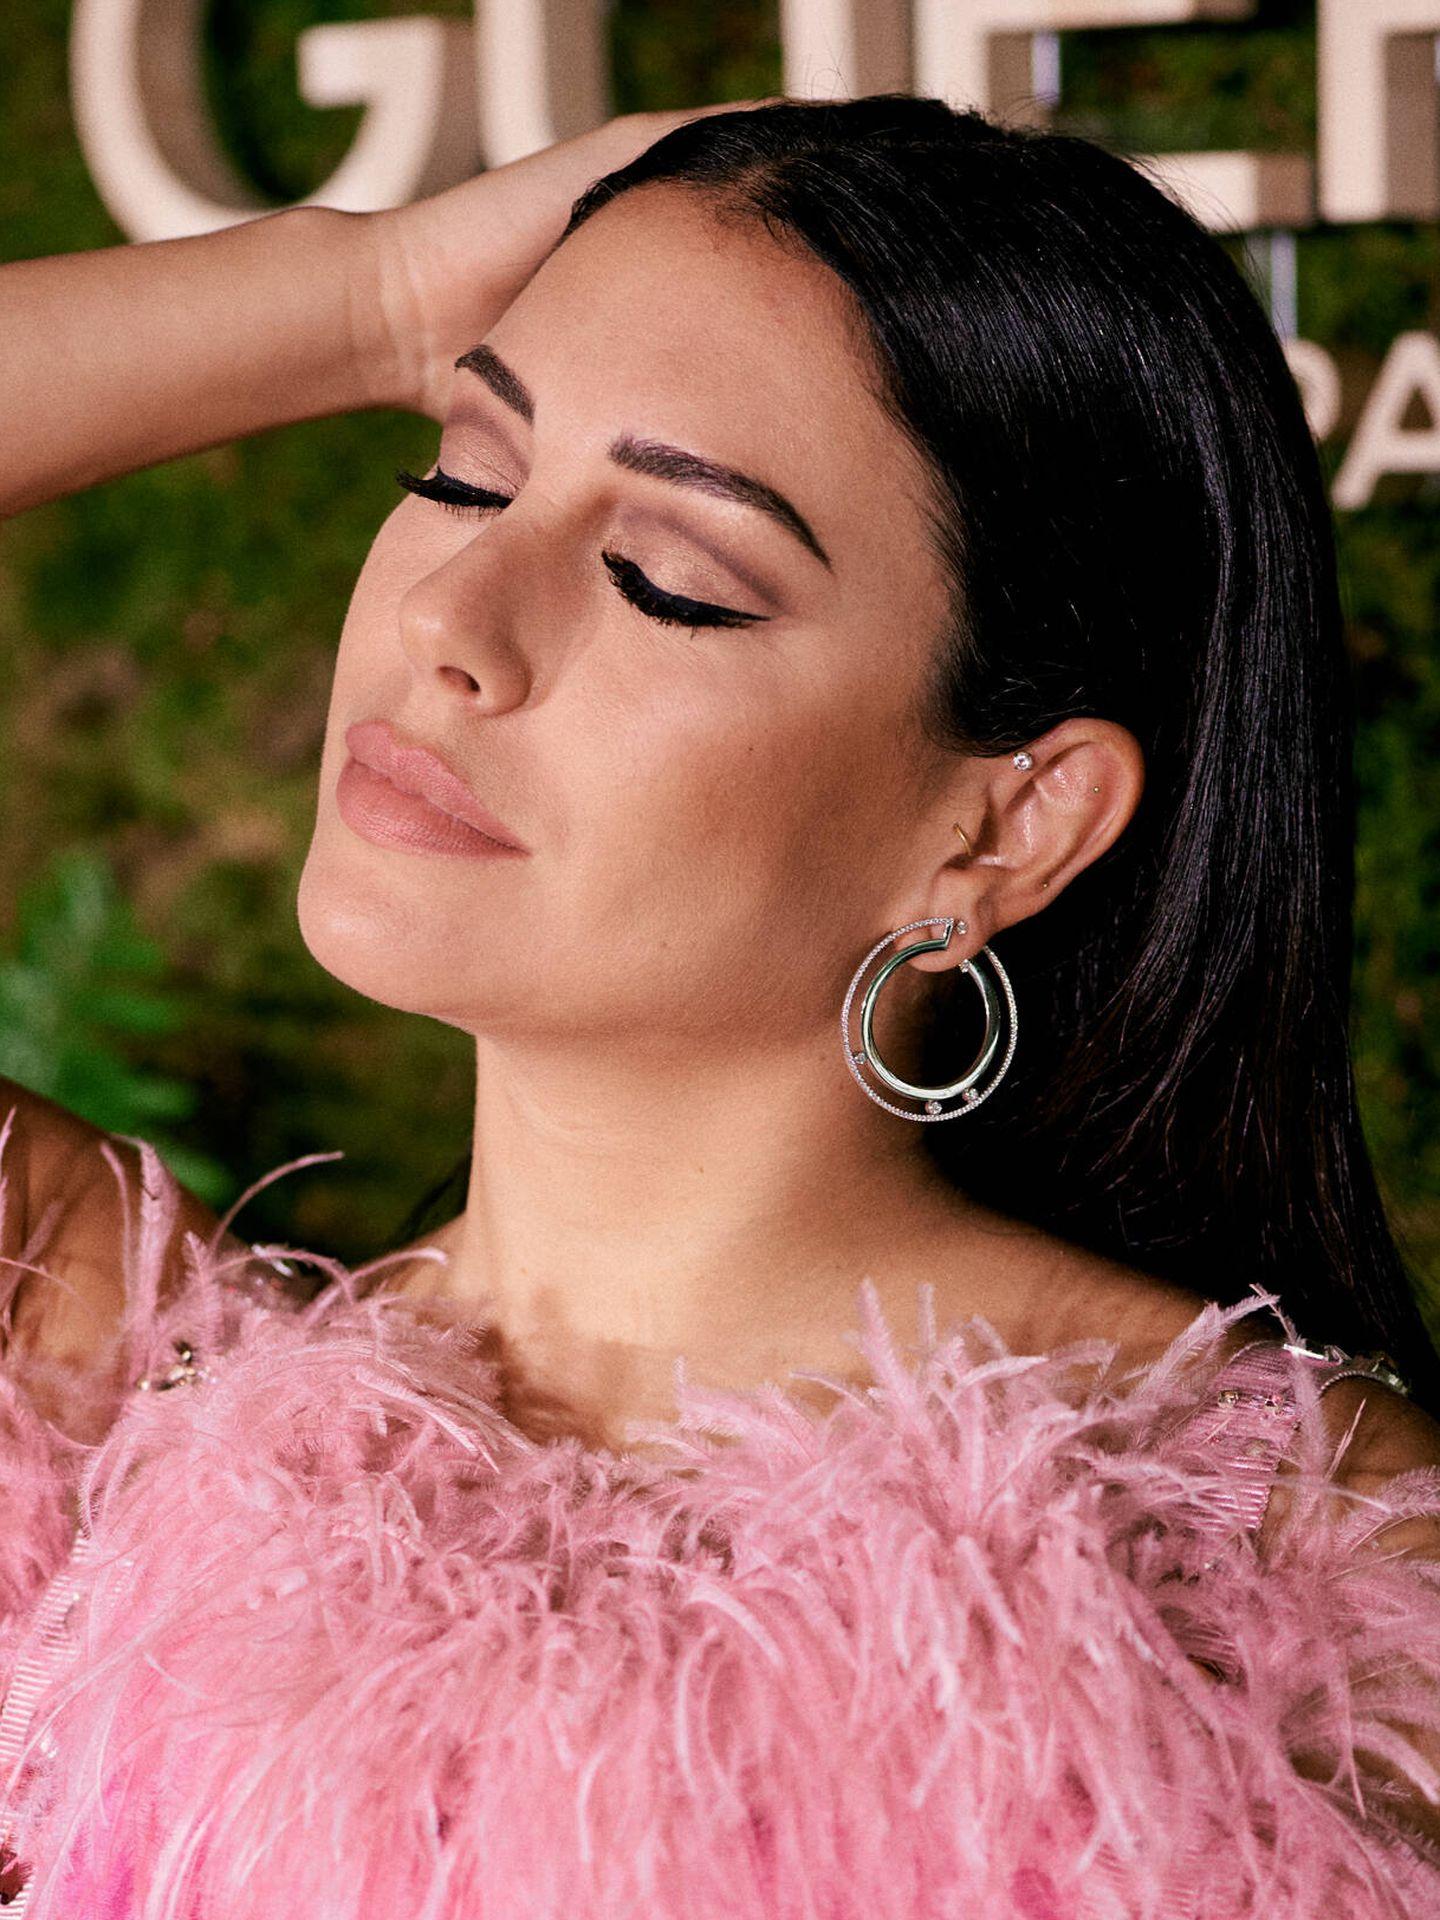 Blanca Suárez, en la presentación de Guerlain con los contouring eyes. (Cortesía)